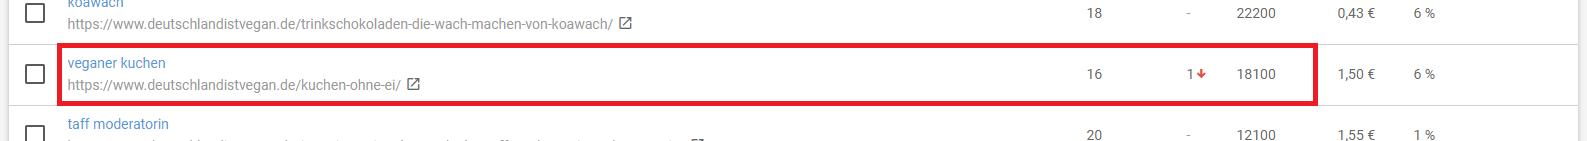 Analysiertes Keyword für die Content-Veredelung.